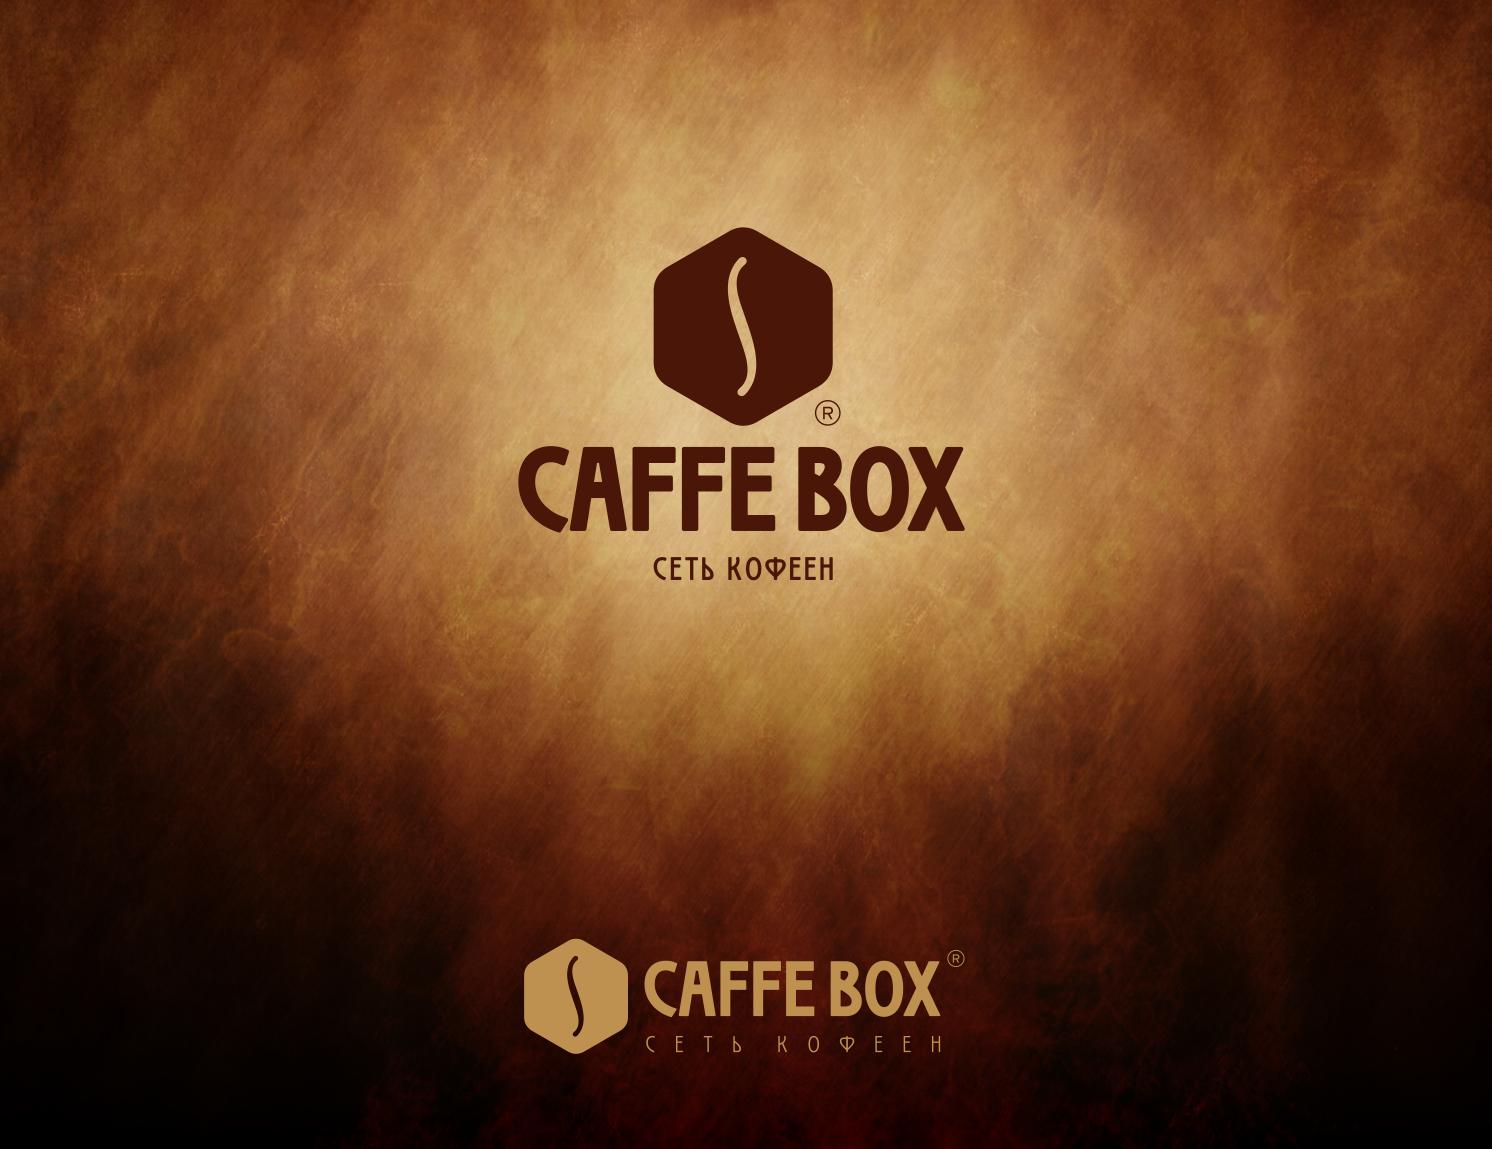 Требуется очень срочно разработать логотип кофейни! фото f_5135a0bd00d32609.png